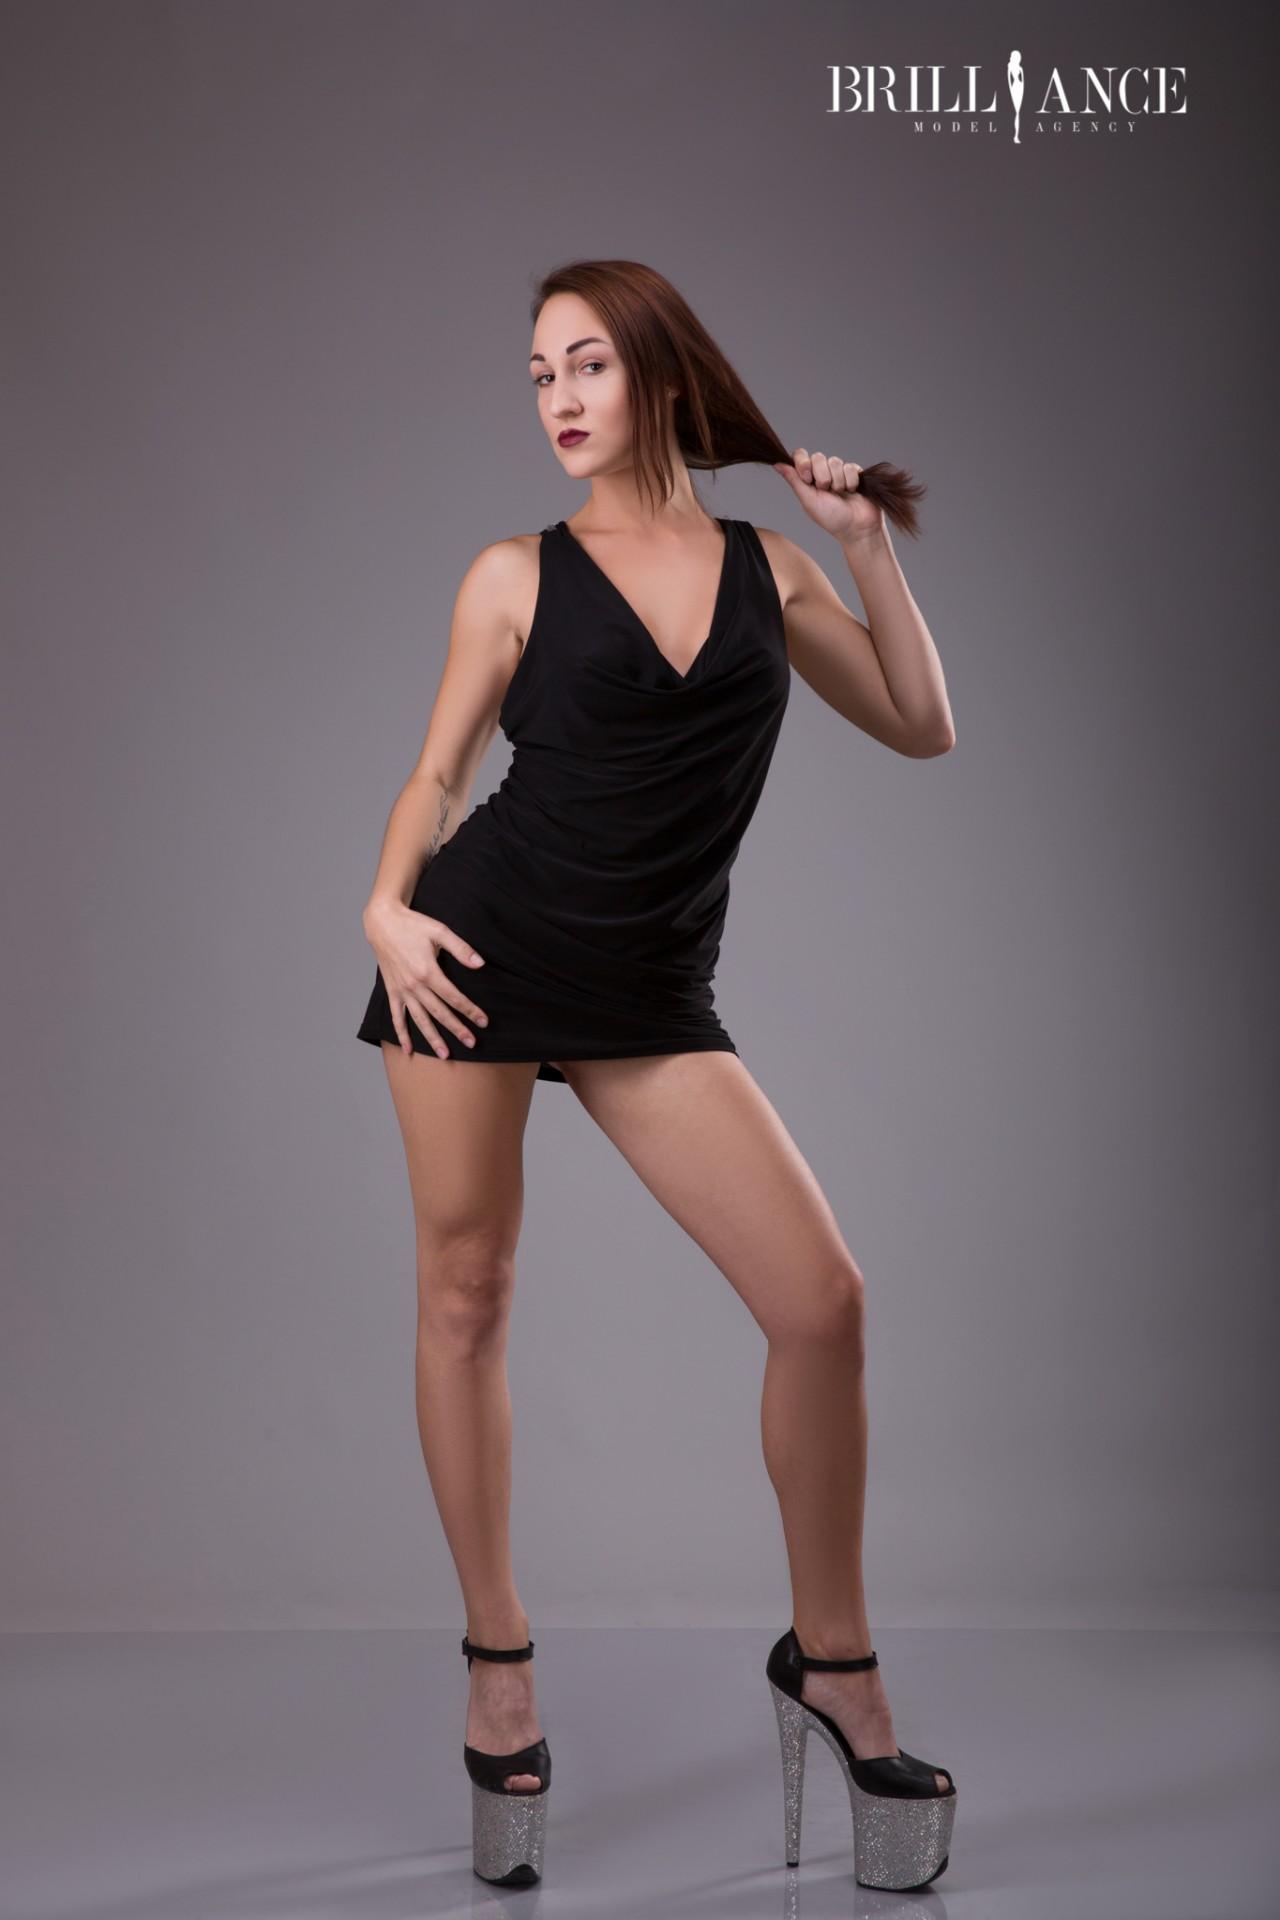 Frau 168 cm 70 kg Bei 1,68m